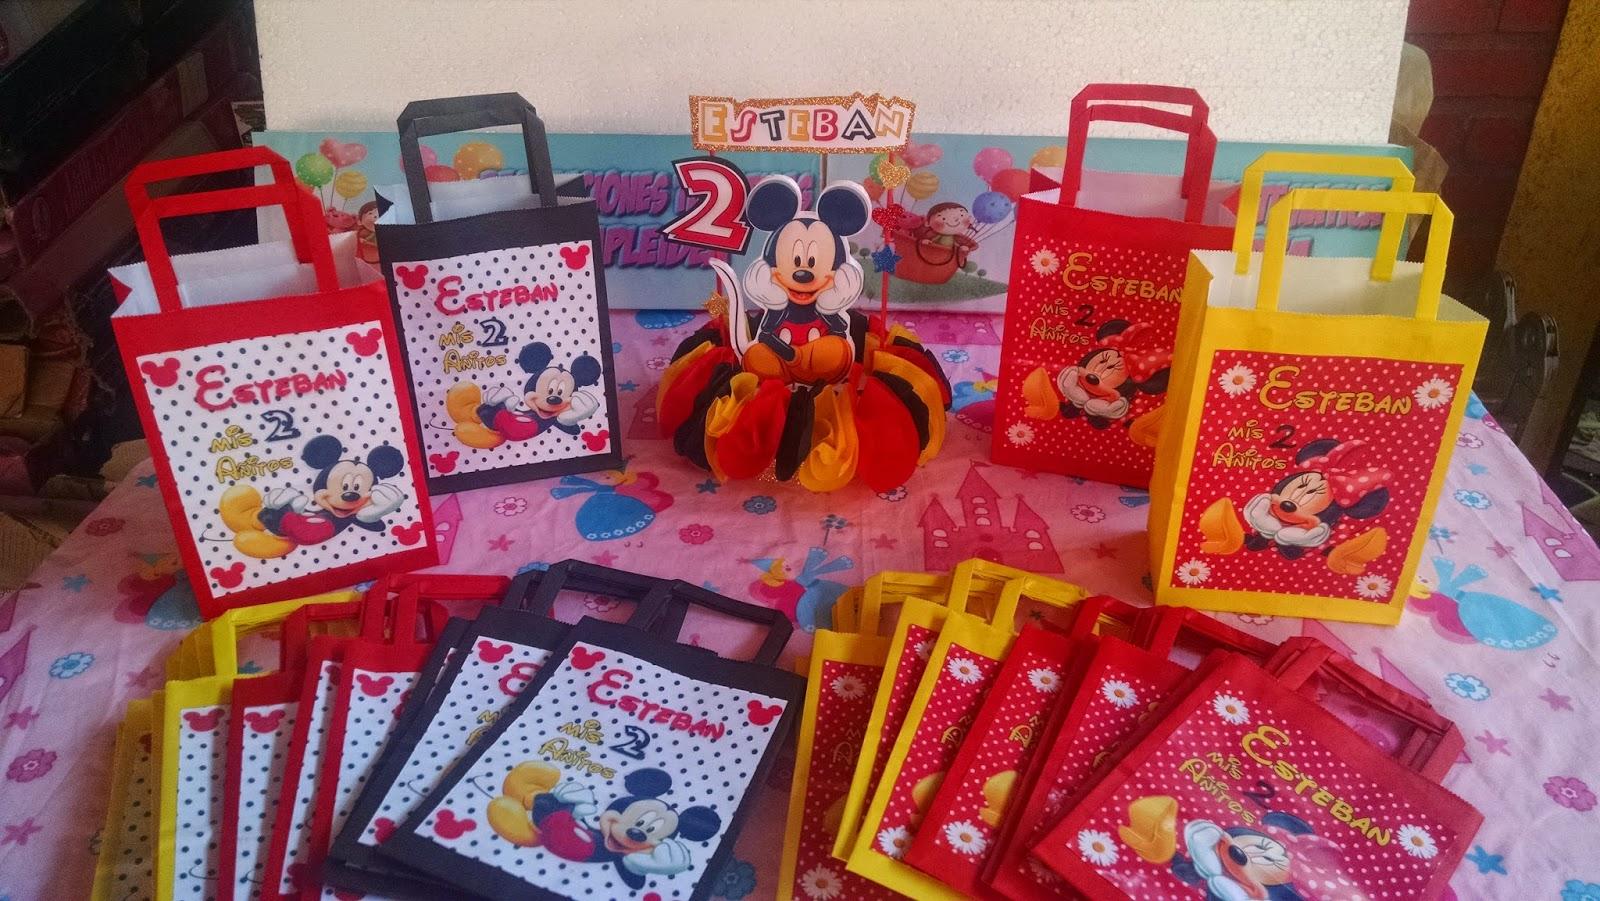 Decoraciones infantiles mickey mouse for Decoraciones infantiles